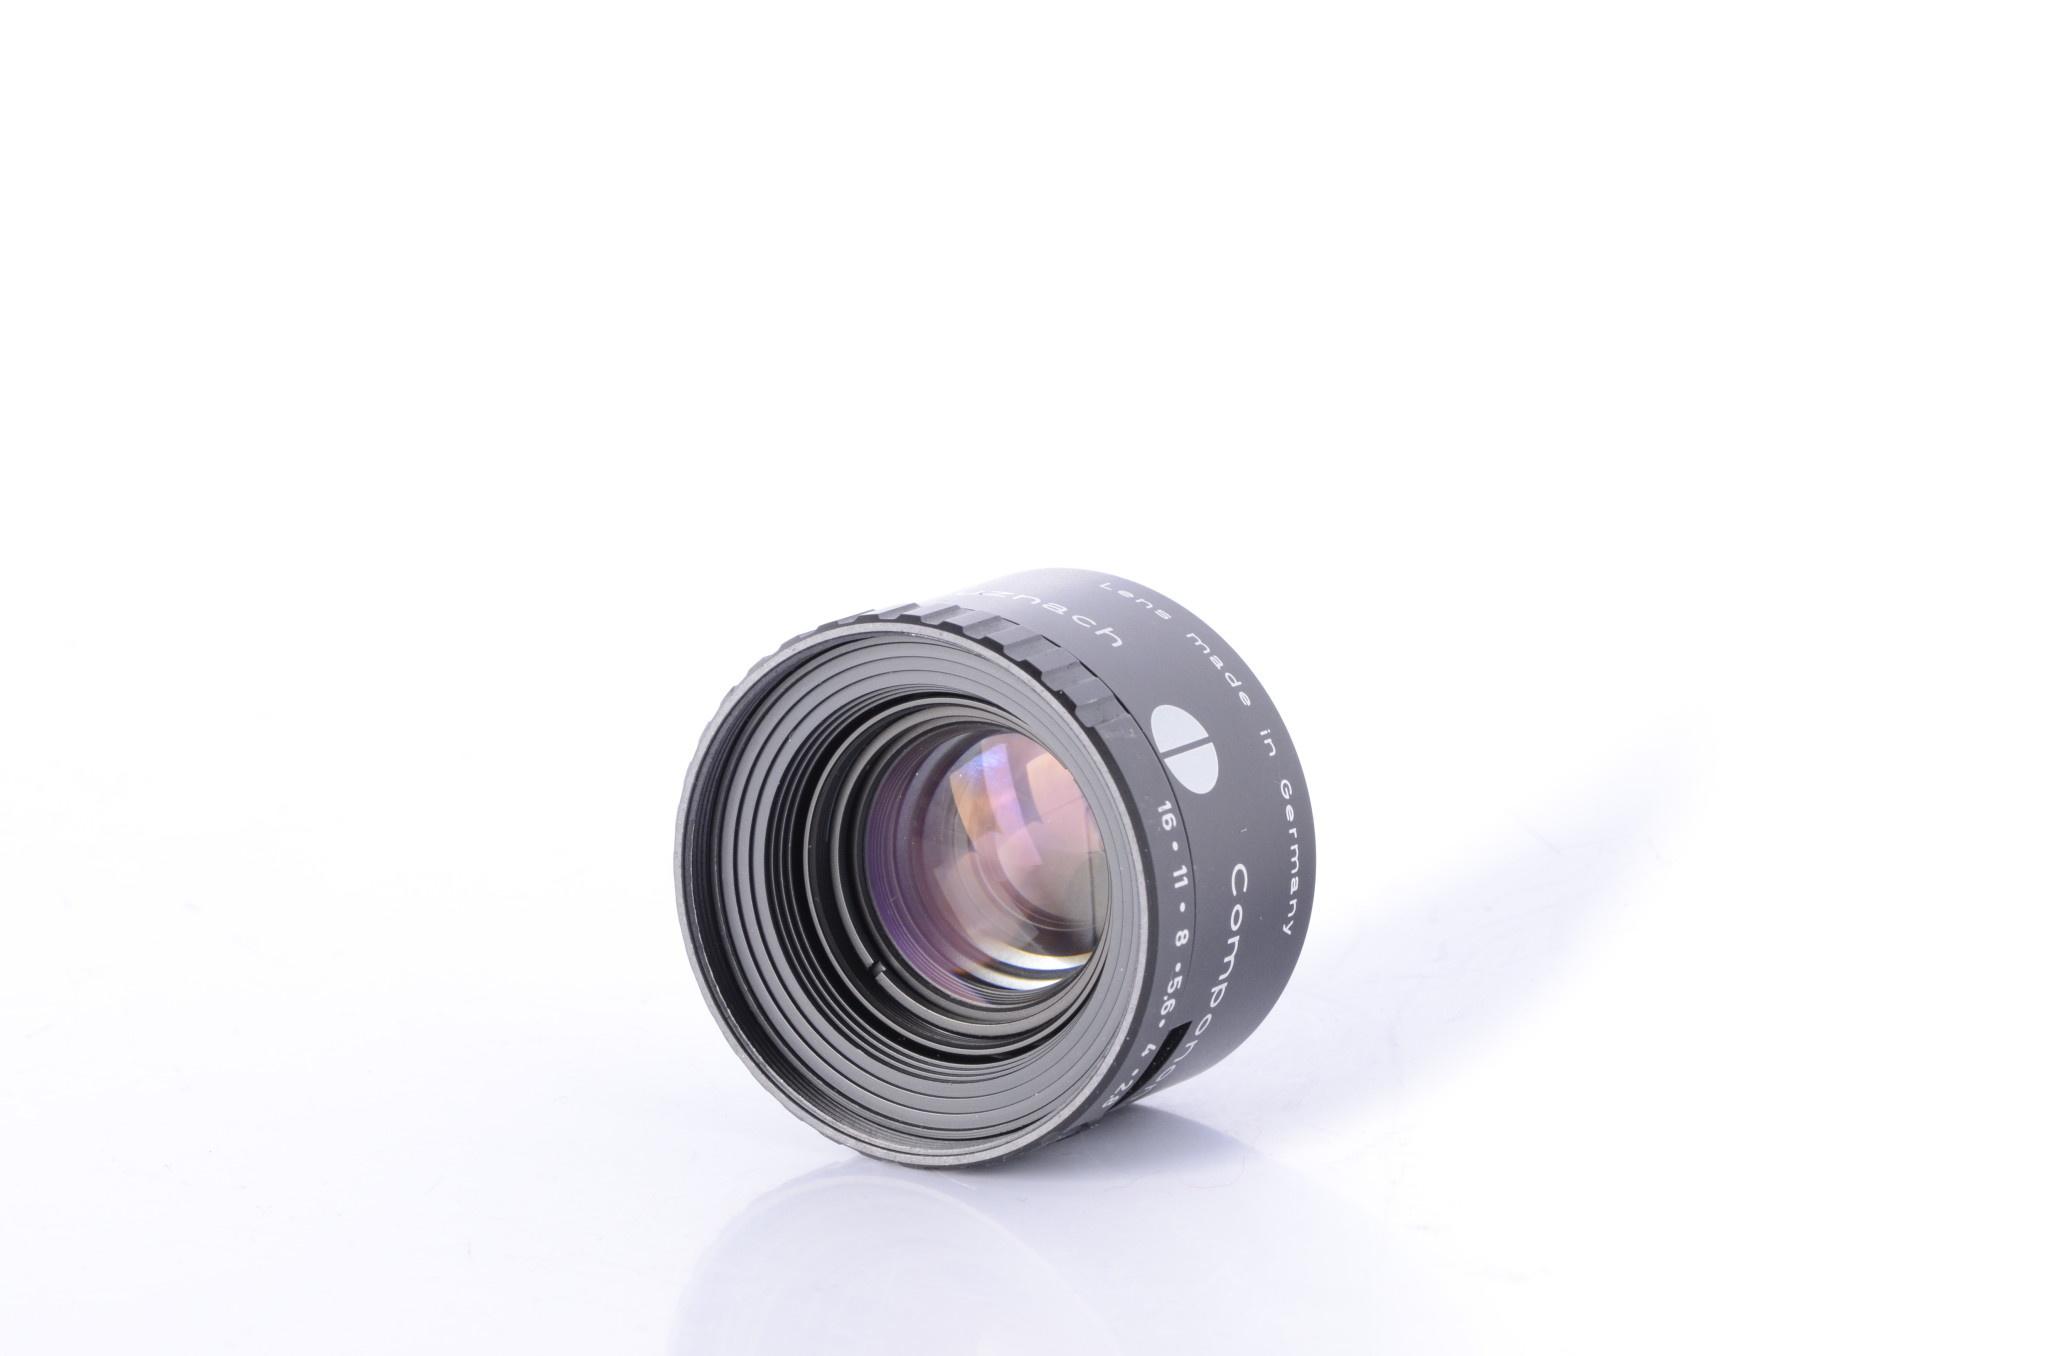 Schneider Schneider Componon-S 50mm f/2.8 Enlarger Lens sn: 13244924